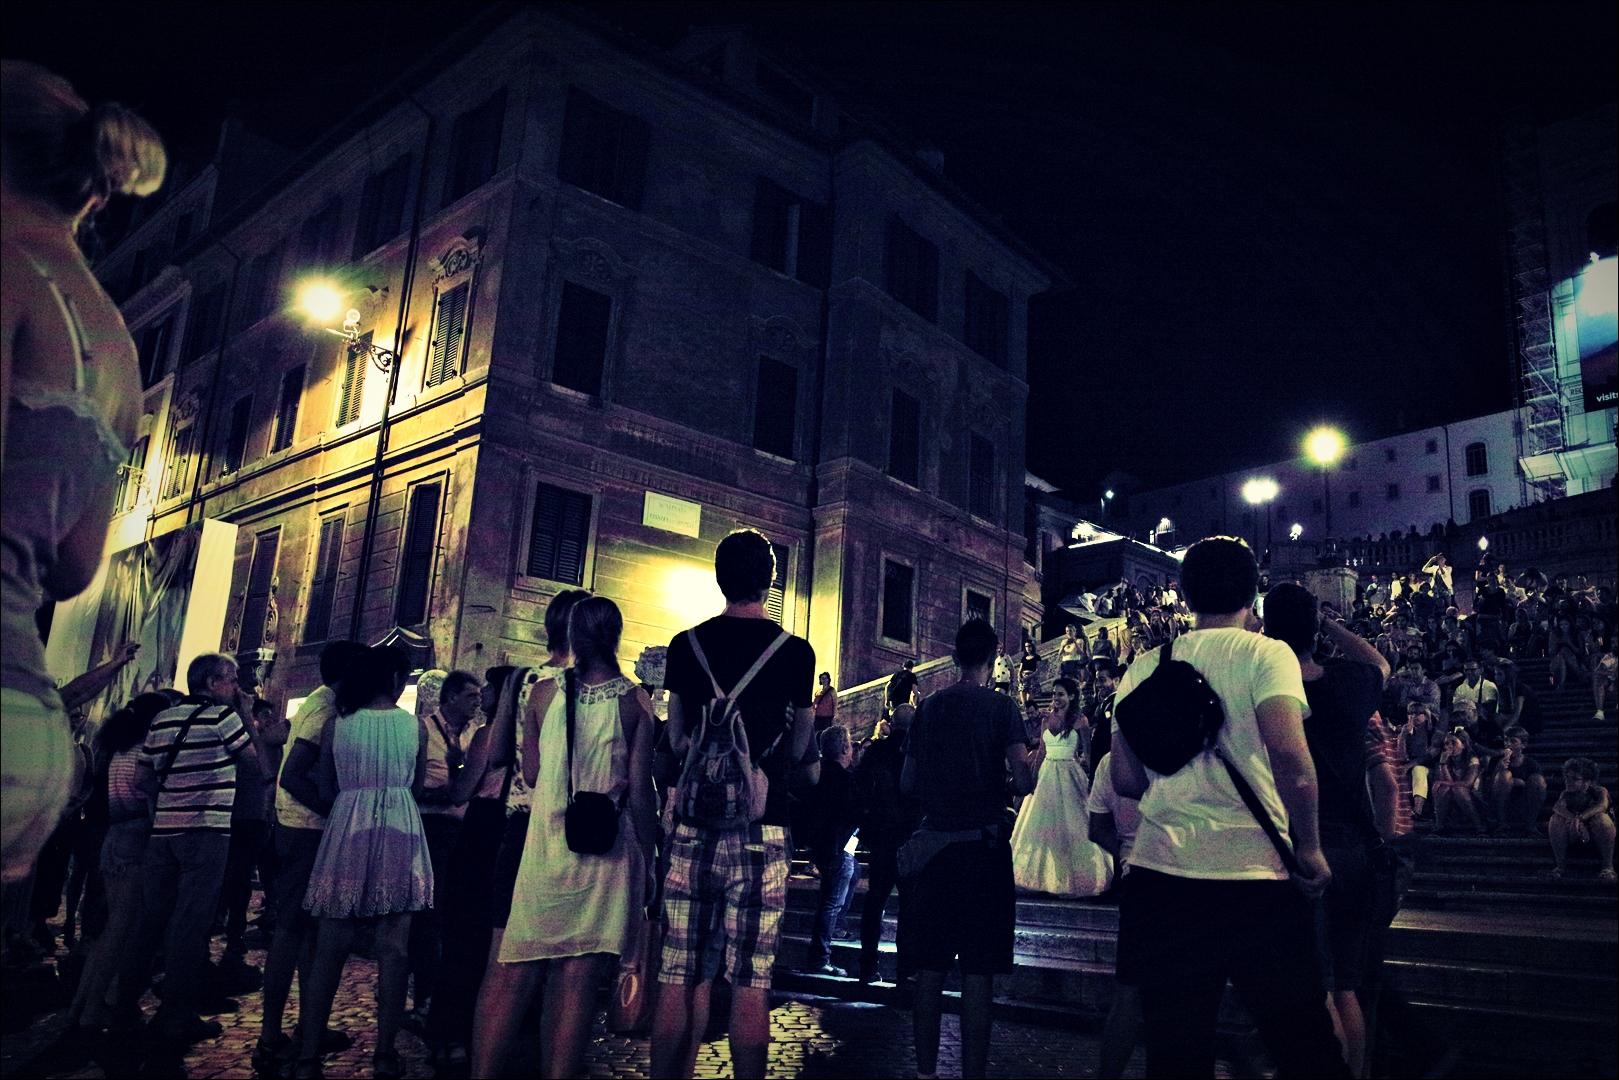 스페인 광장-'로마의 밤거리'